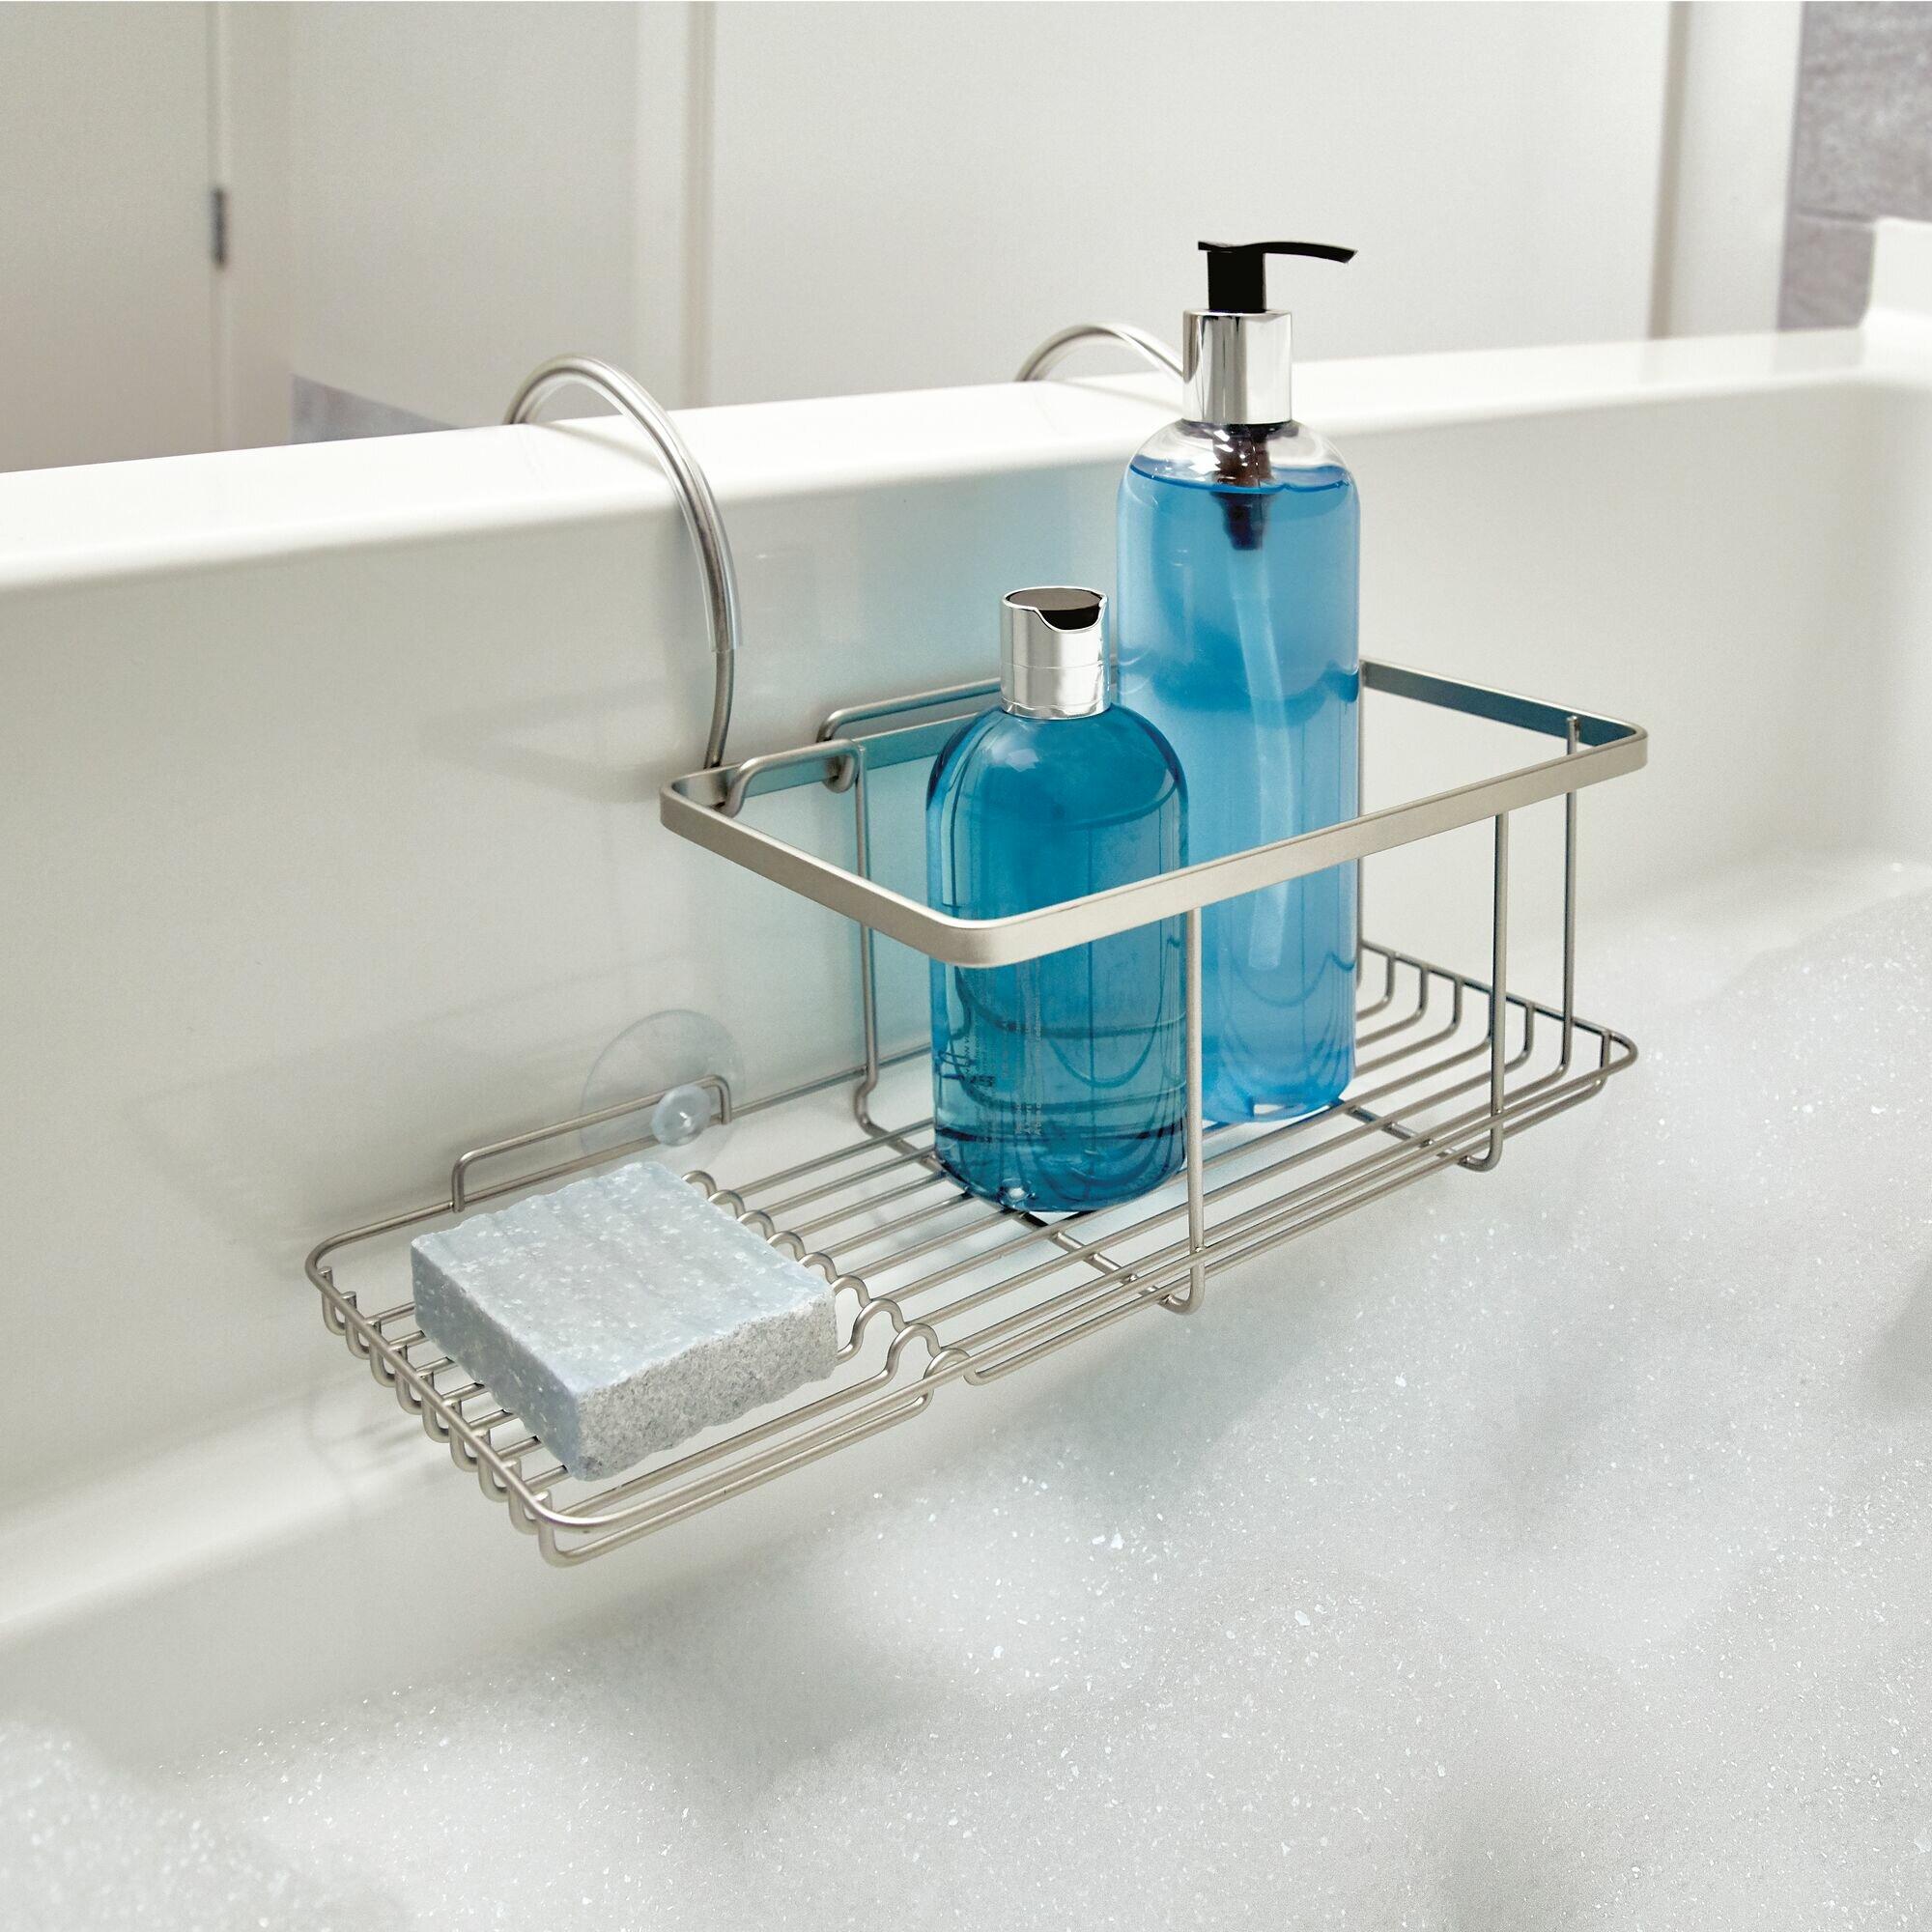 Idesign Everett Bath Caddy Reviews Wayfair